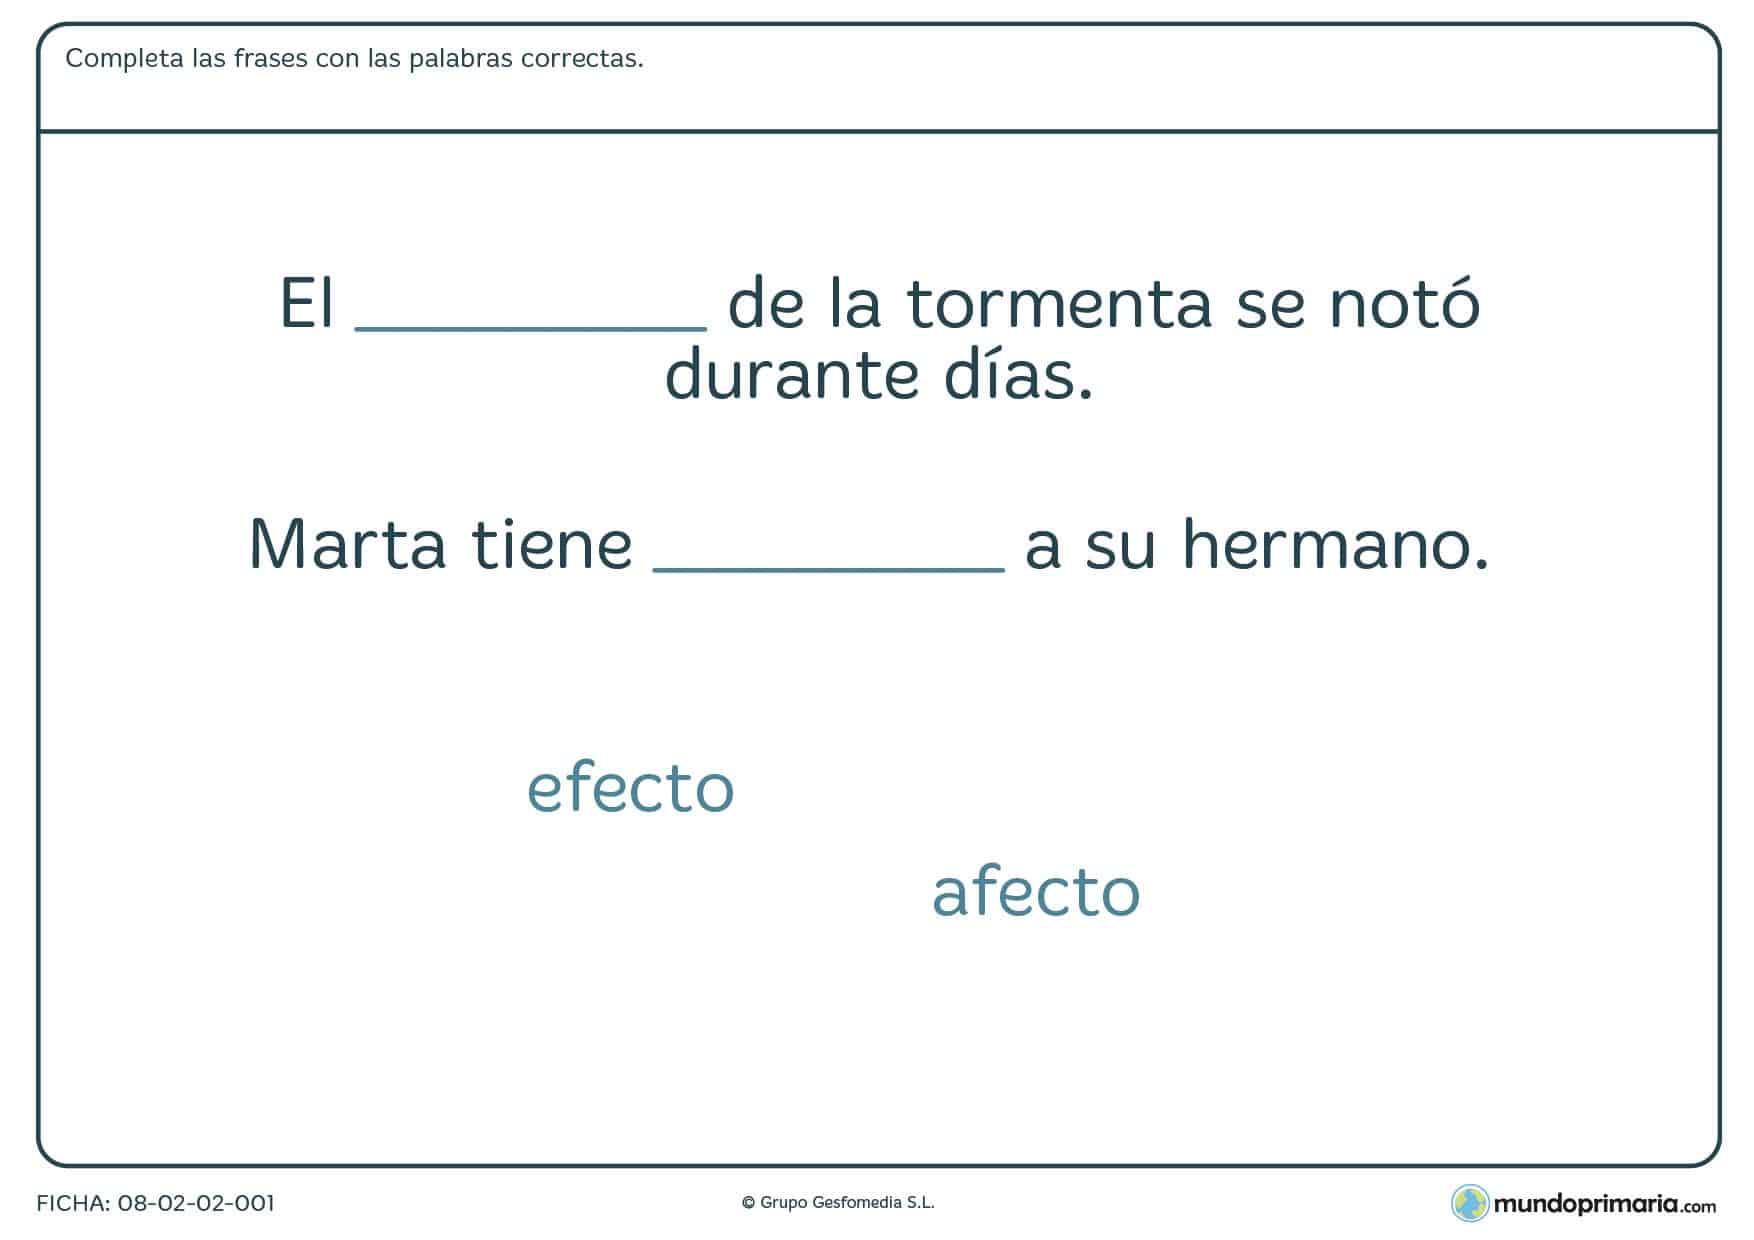 Ficha de diferenciar palabras similares foneticamente en la que con 2 oraciones y 2 palabras hay que completarlas correctamente.